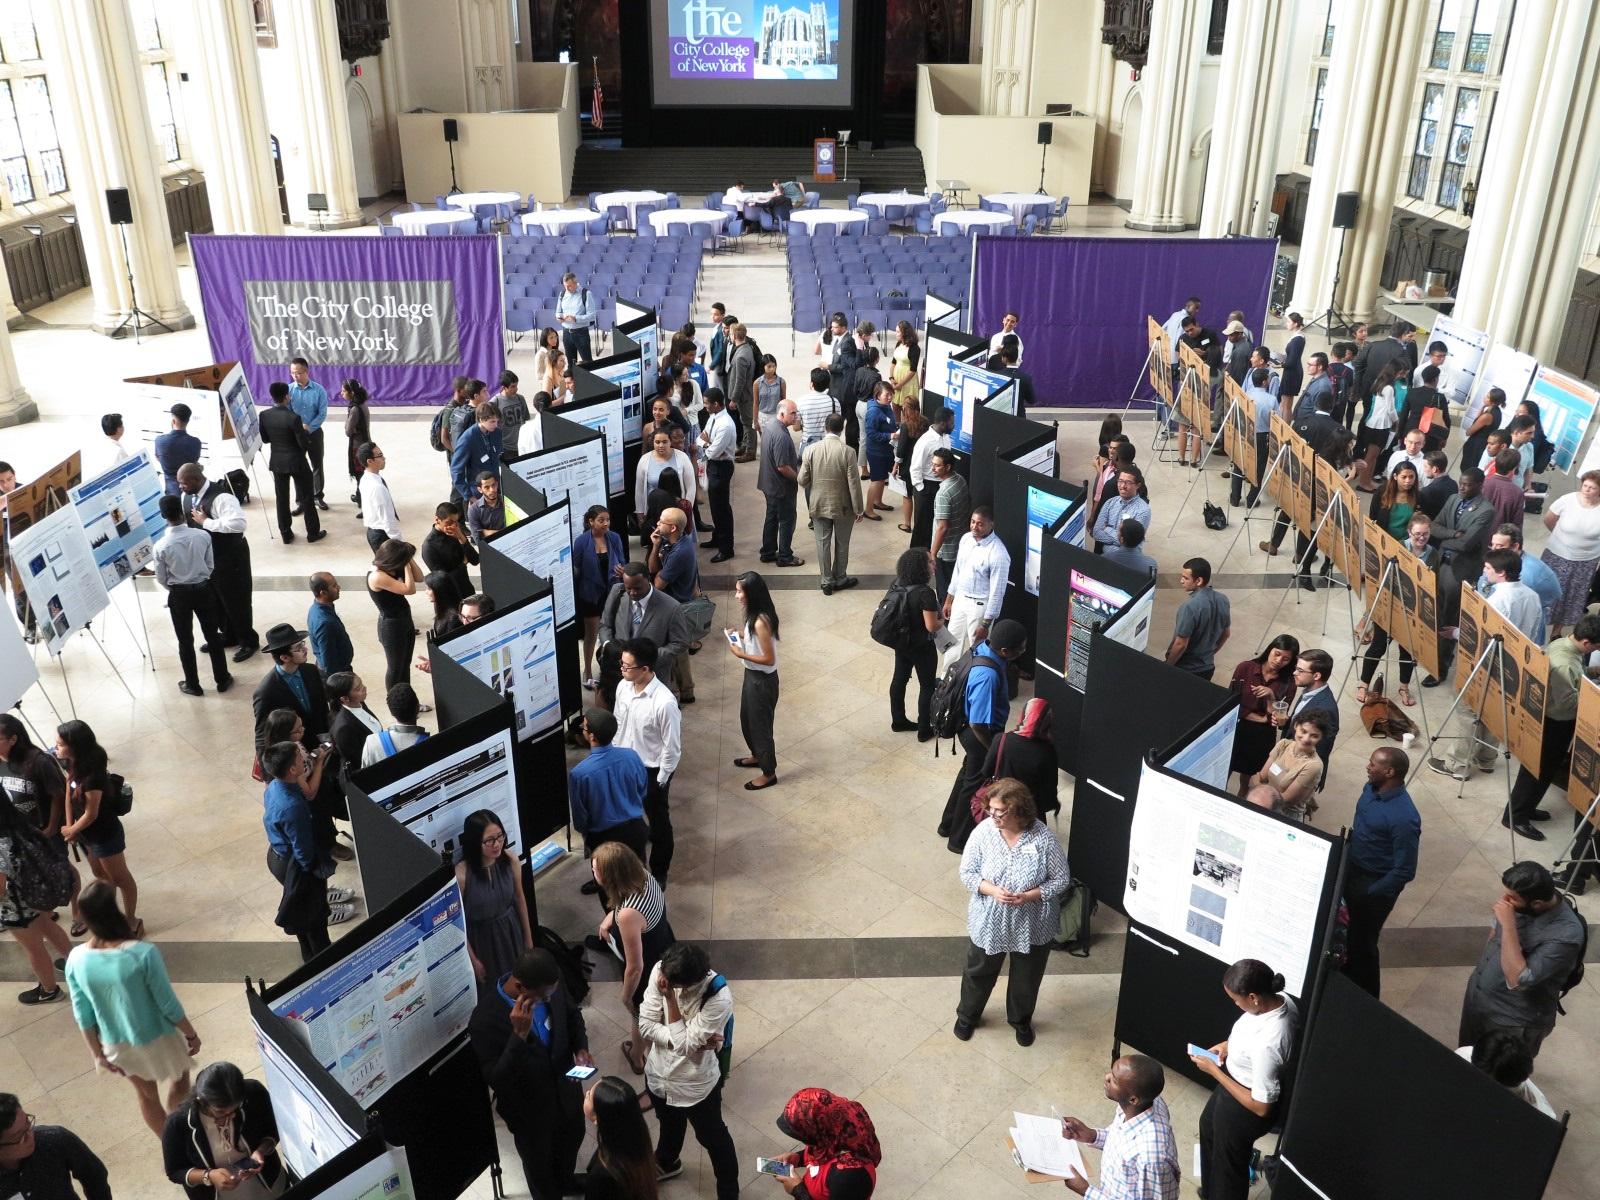 HSI: Urbano Conference